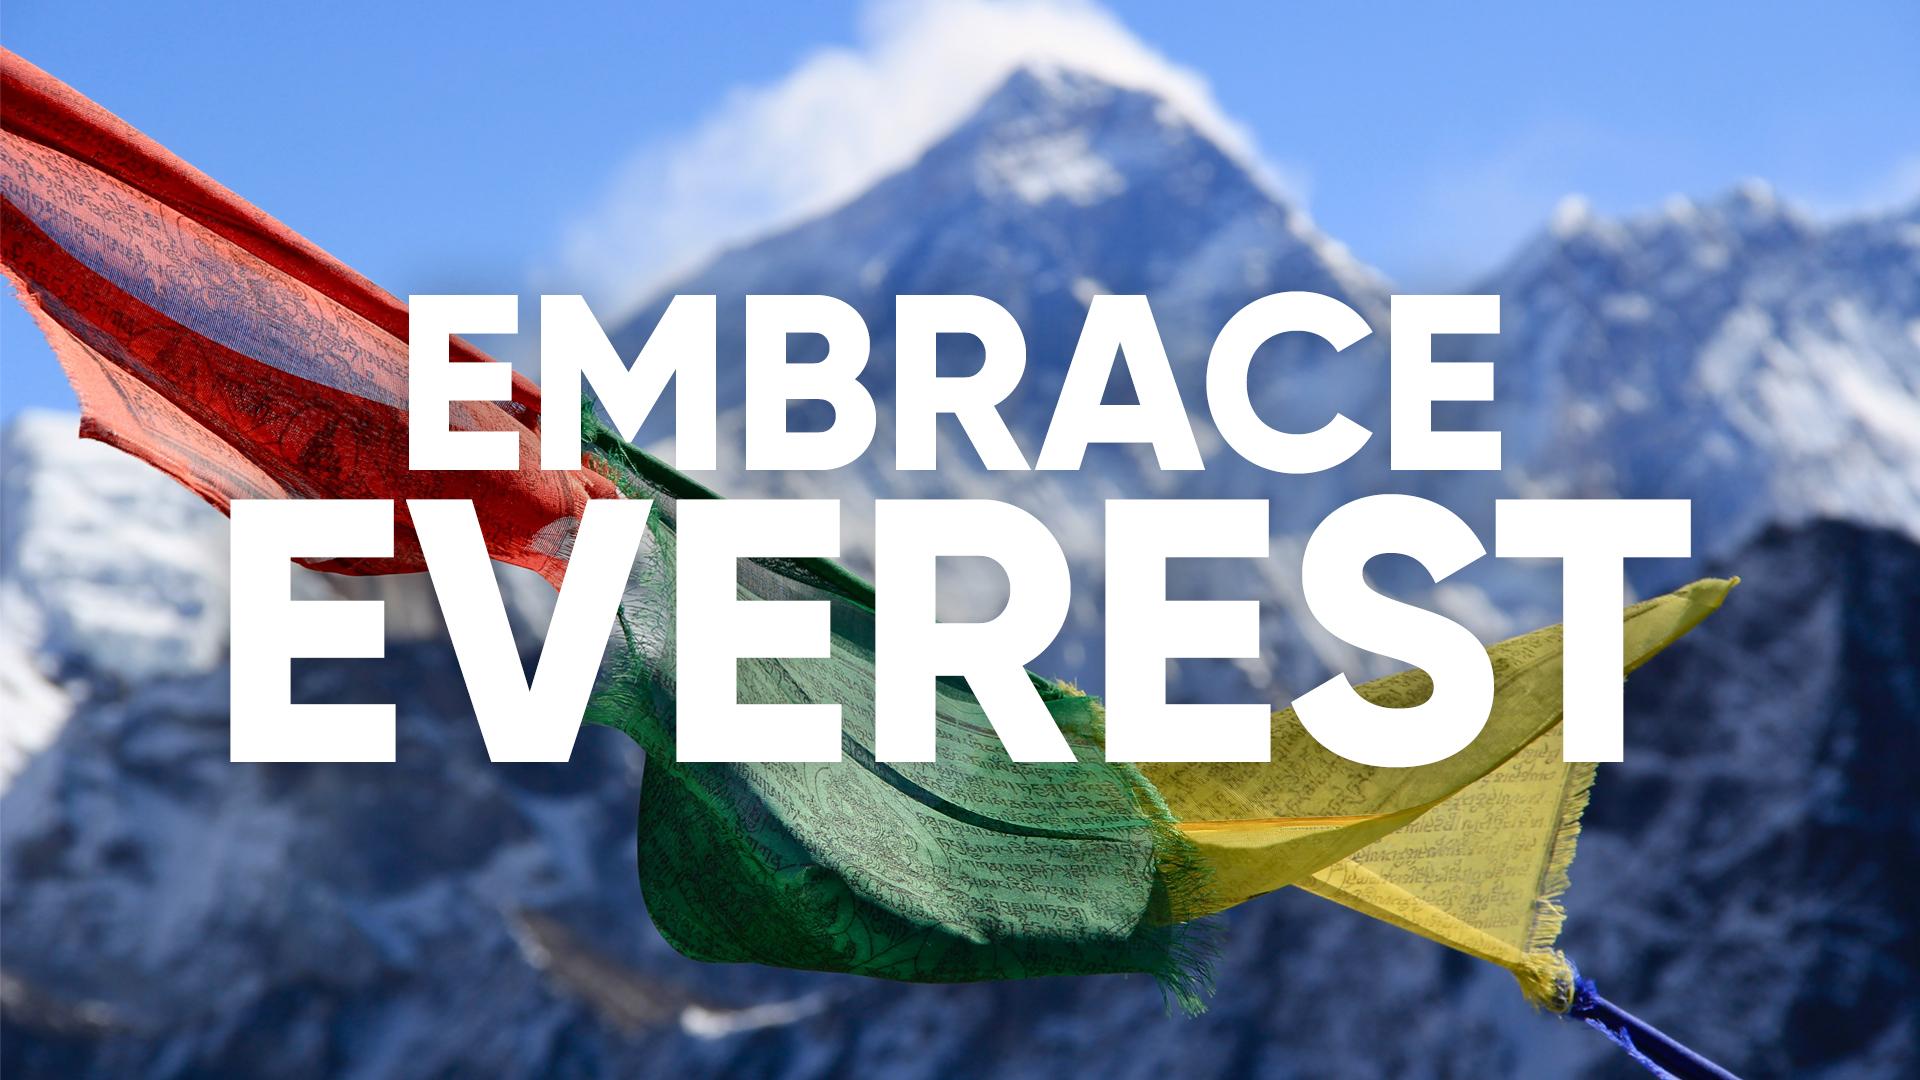 Embrace Everest